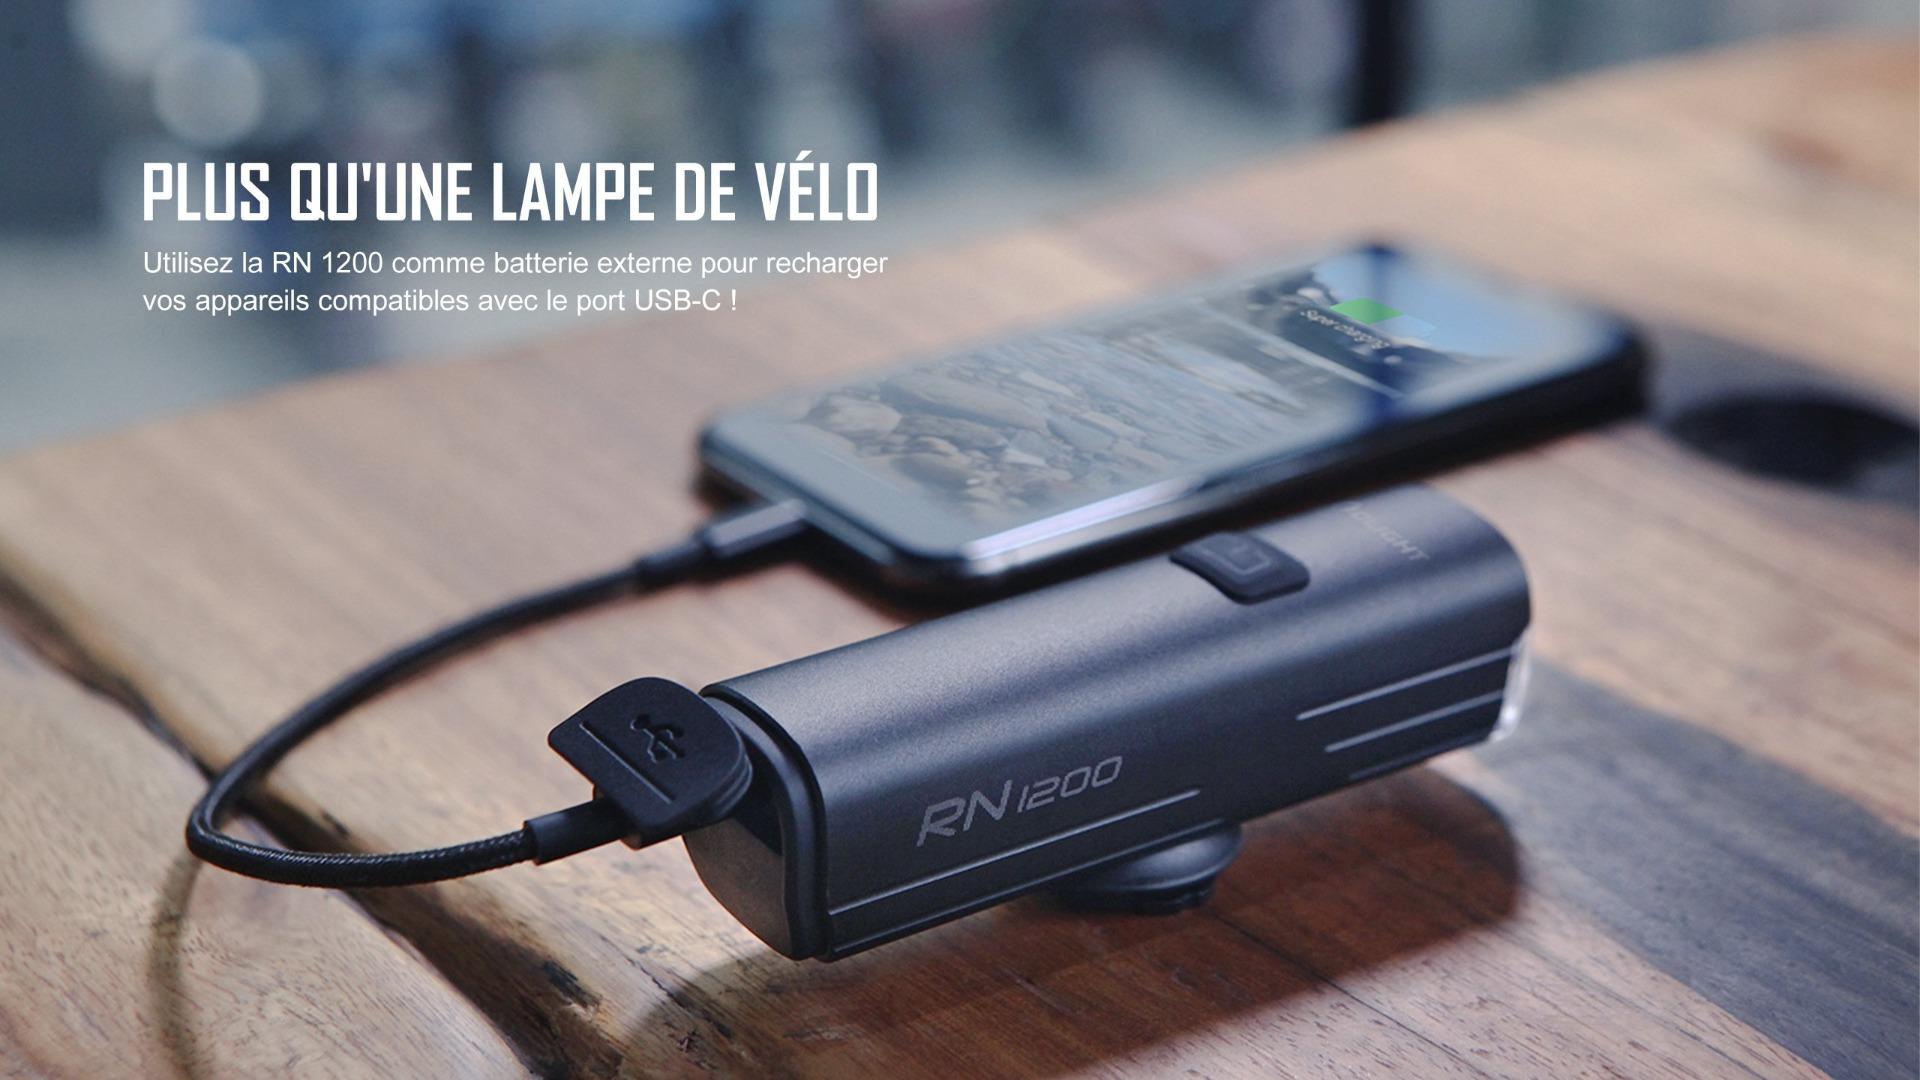 Utilisez la RN 1200 pour recharger vos appareils compatibles avec le port USB-C !